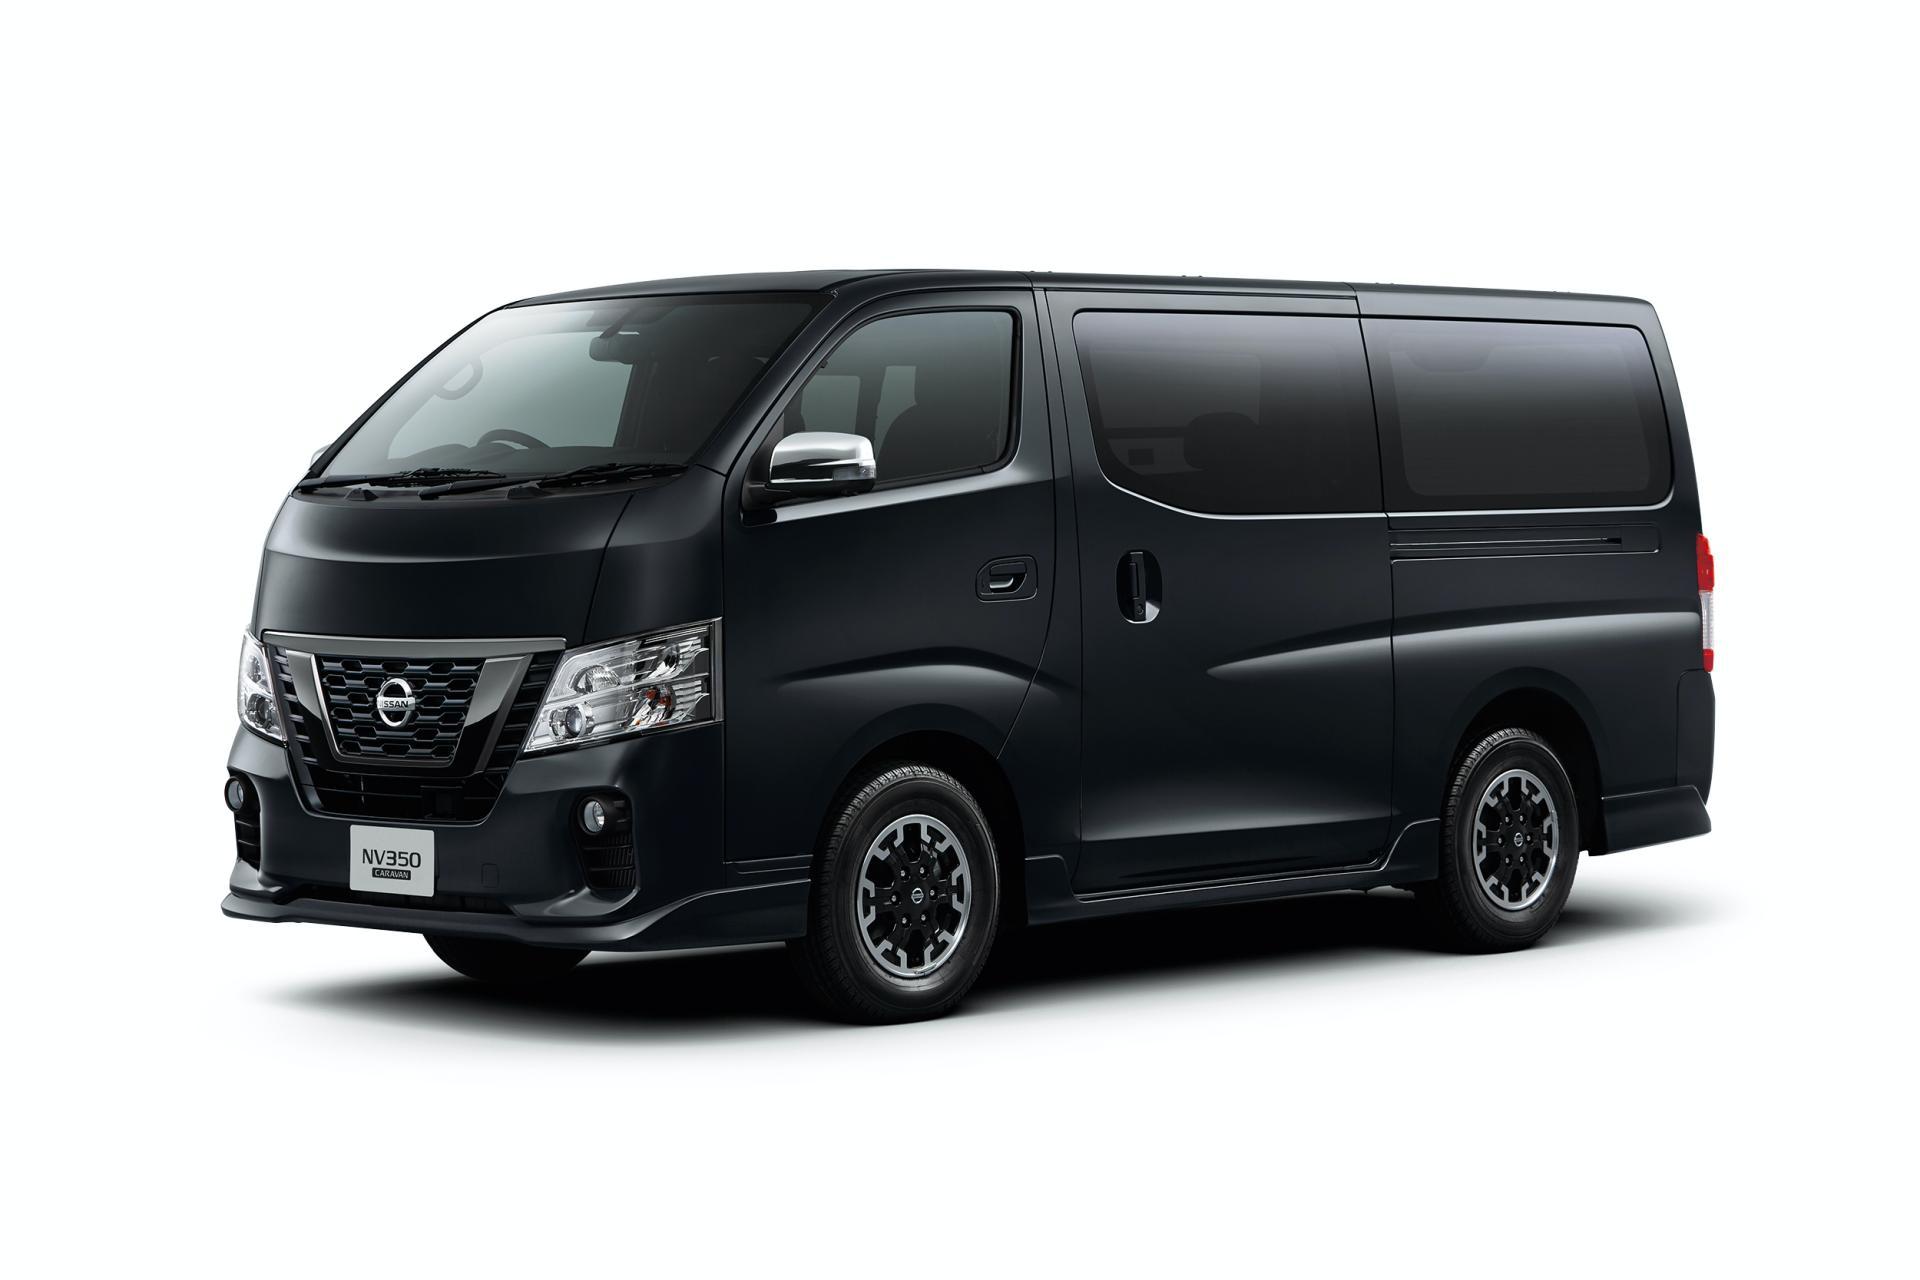 Nissan-NV350-Caravan-Premium-GX-Urban-Chrome